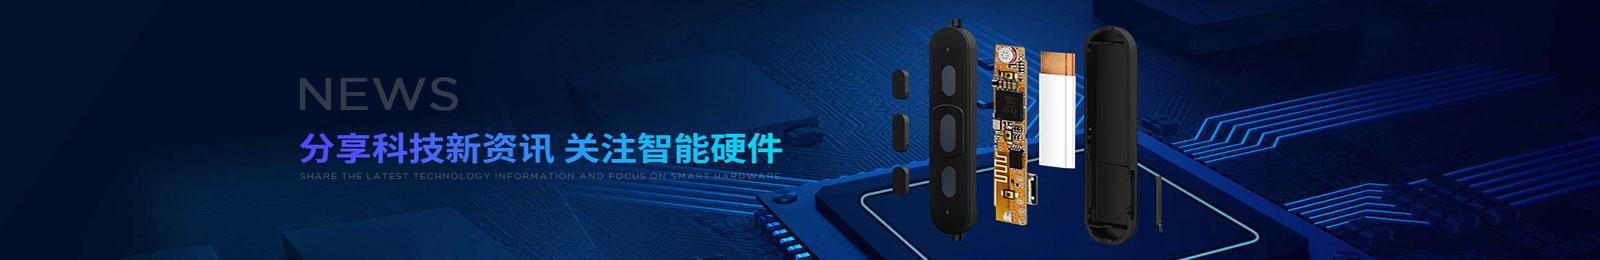 毕天-分享科技新资讯,关注智能硬件